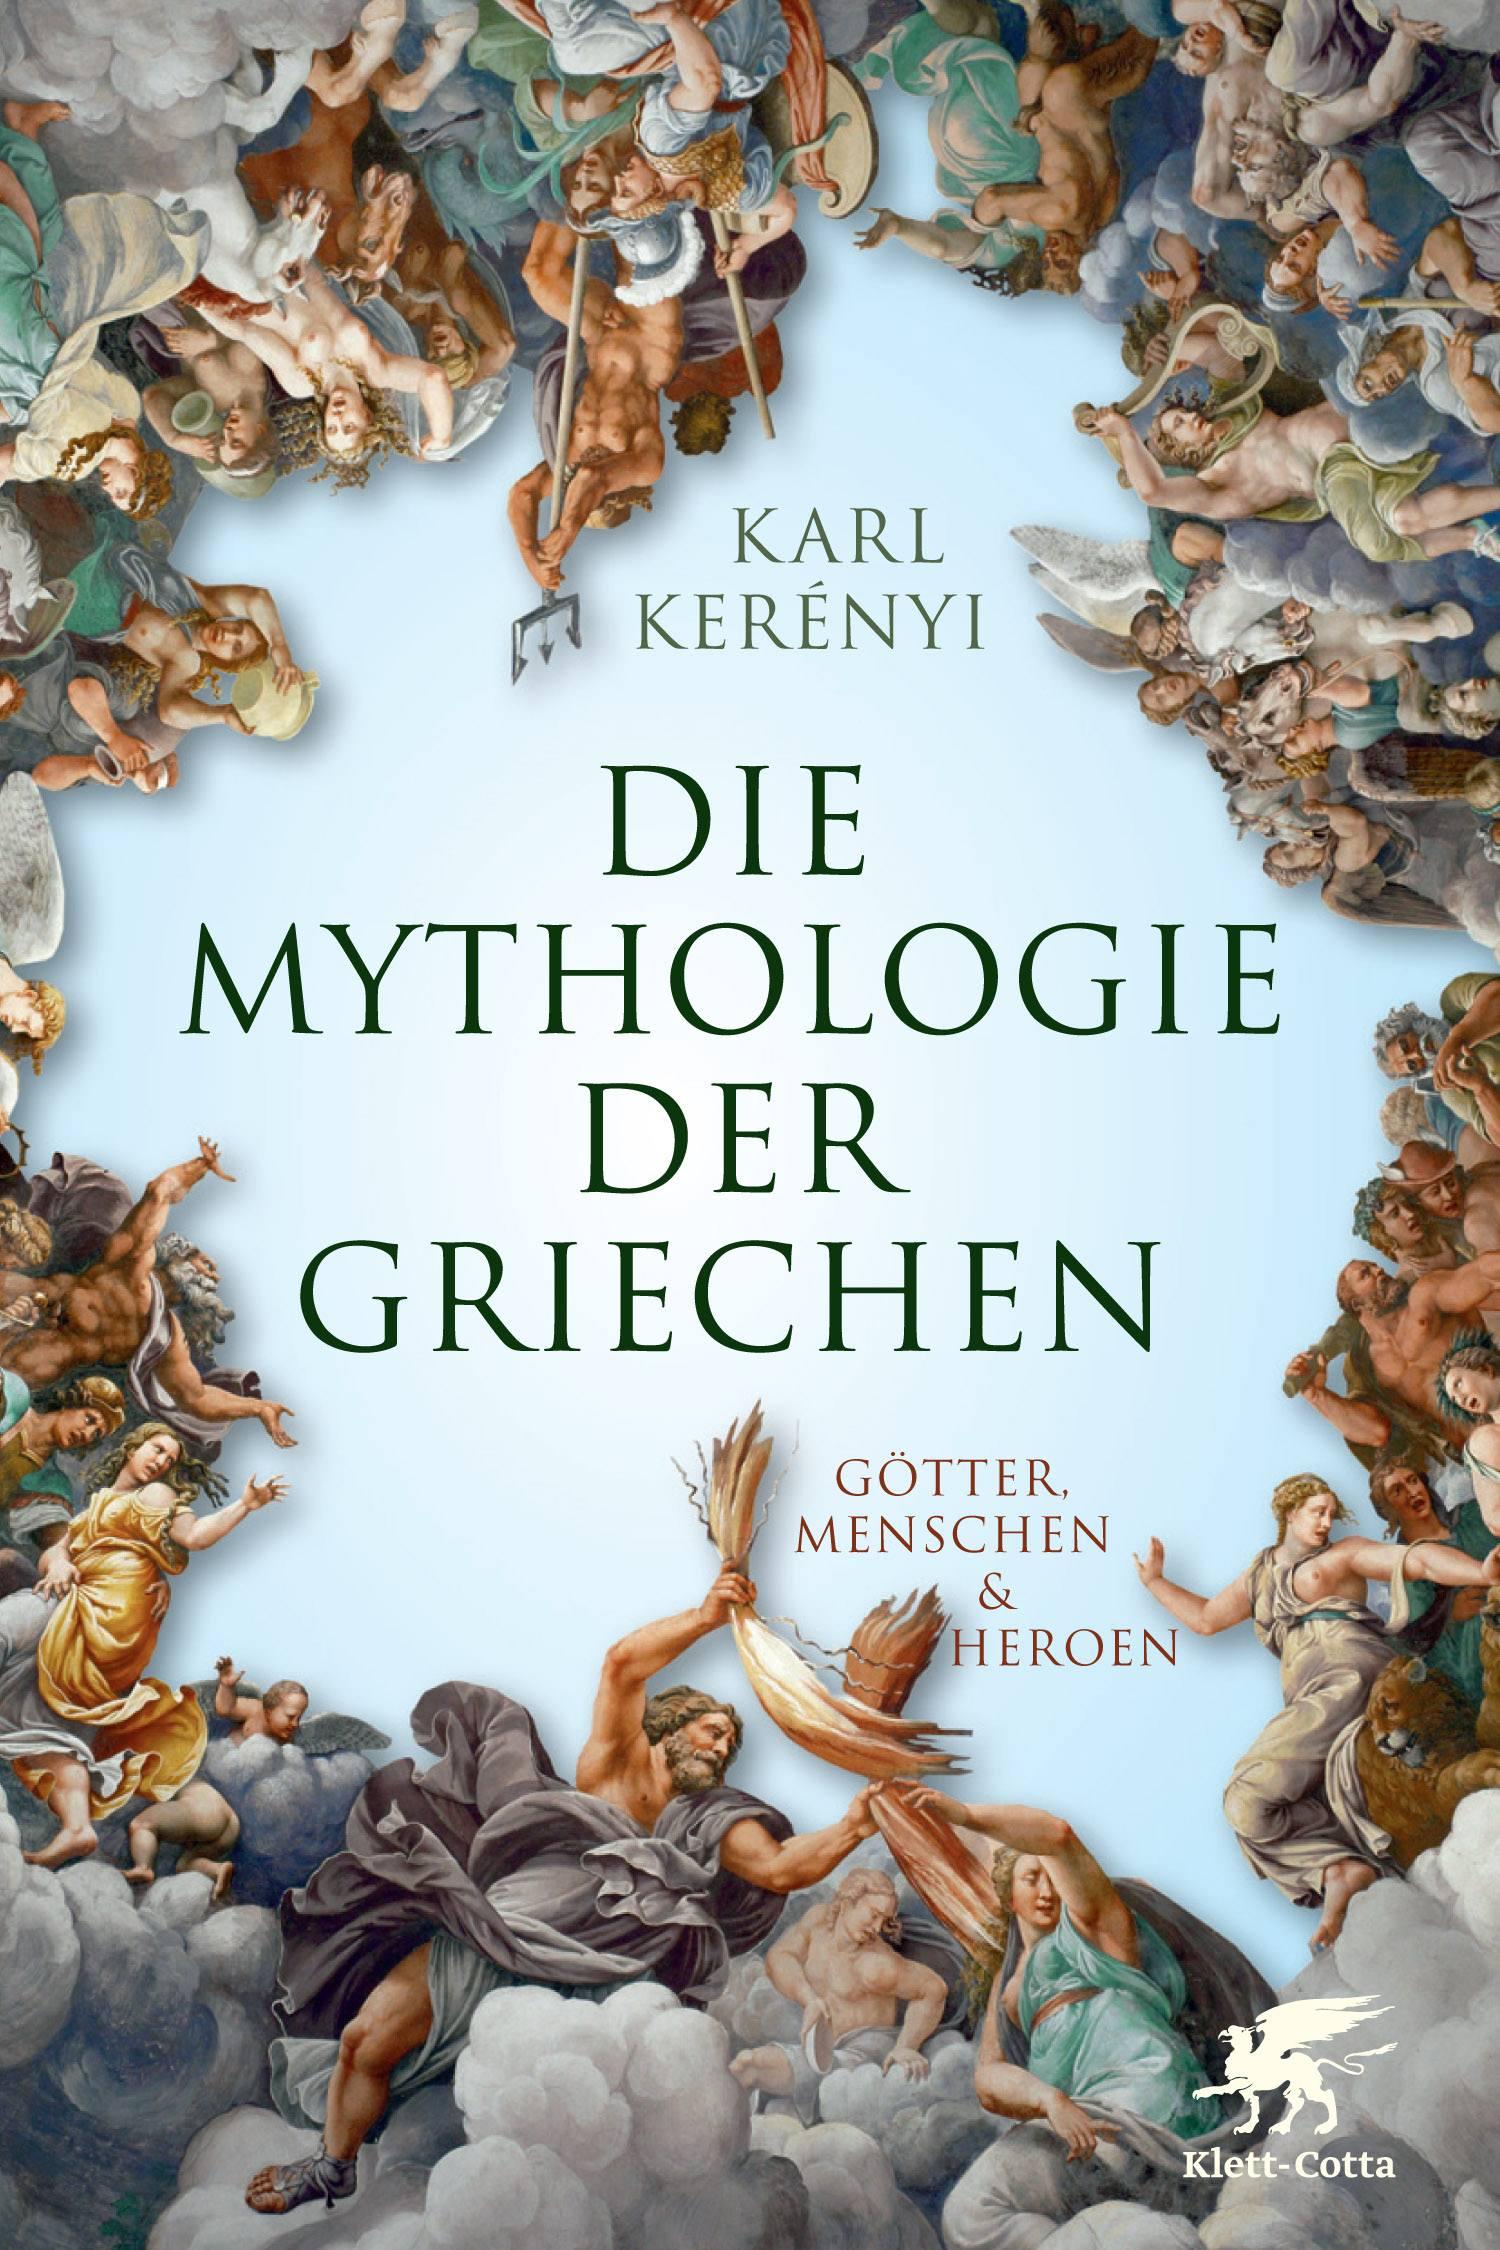 Mythologie der Griechen: Götter, Menschen und Heroen - Teil 1 und 2 in einem Band - Kerenyi, Karl